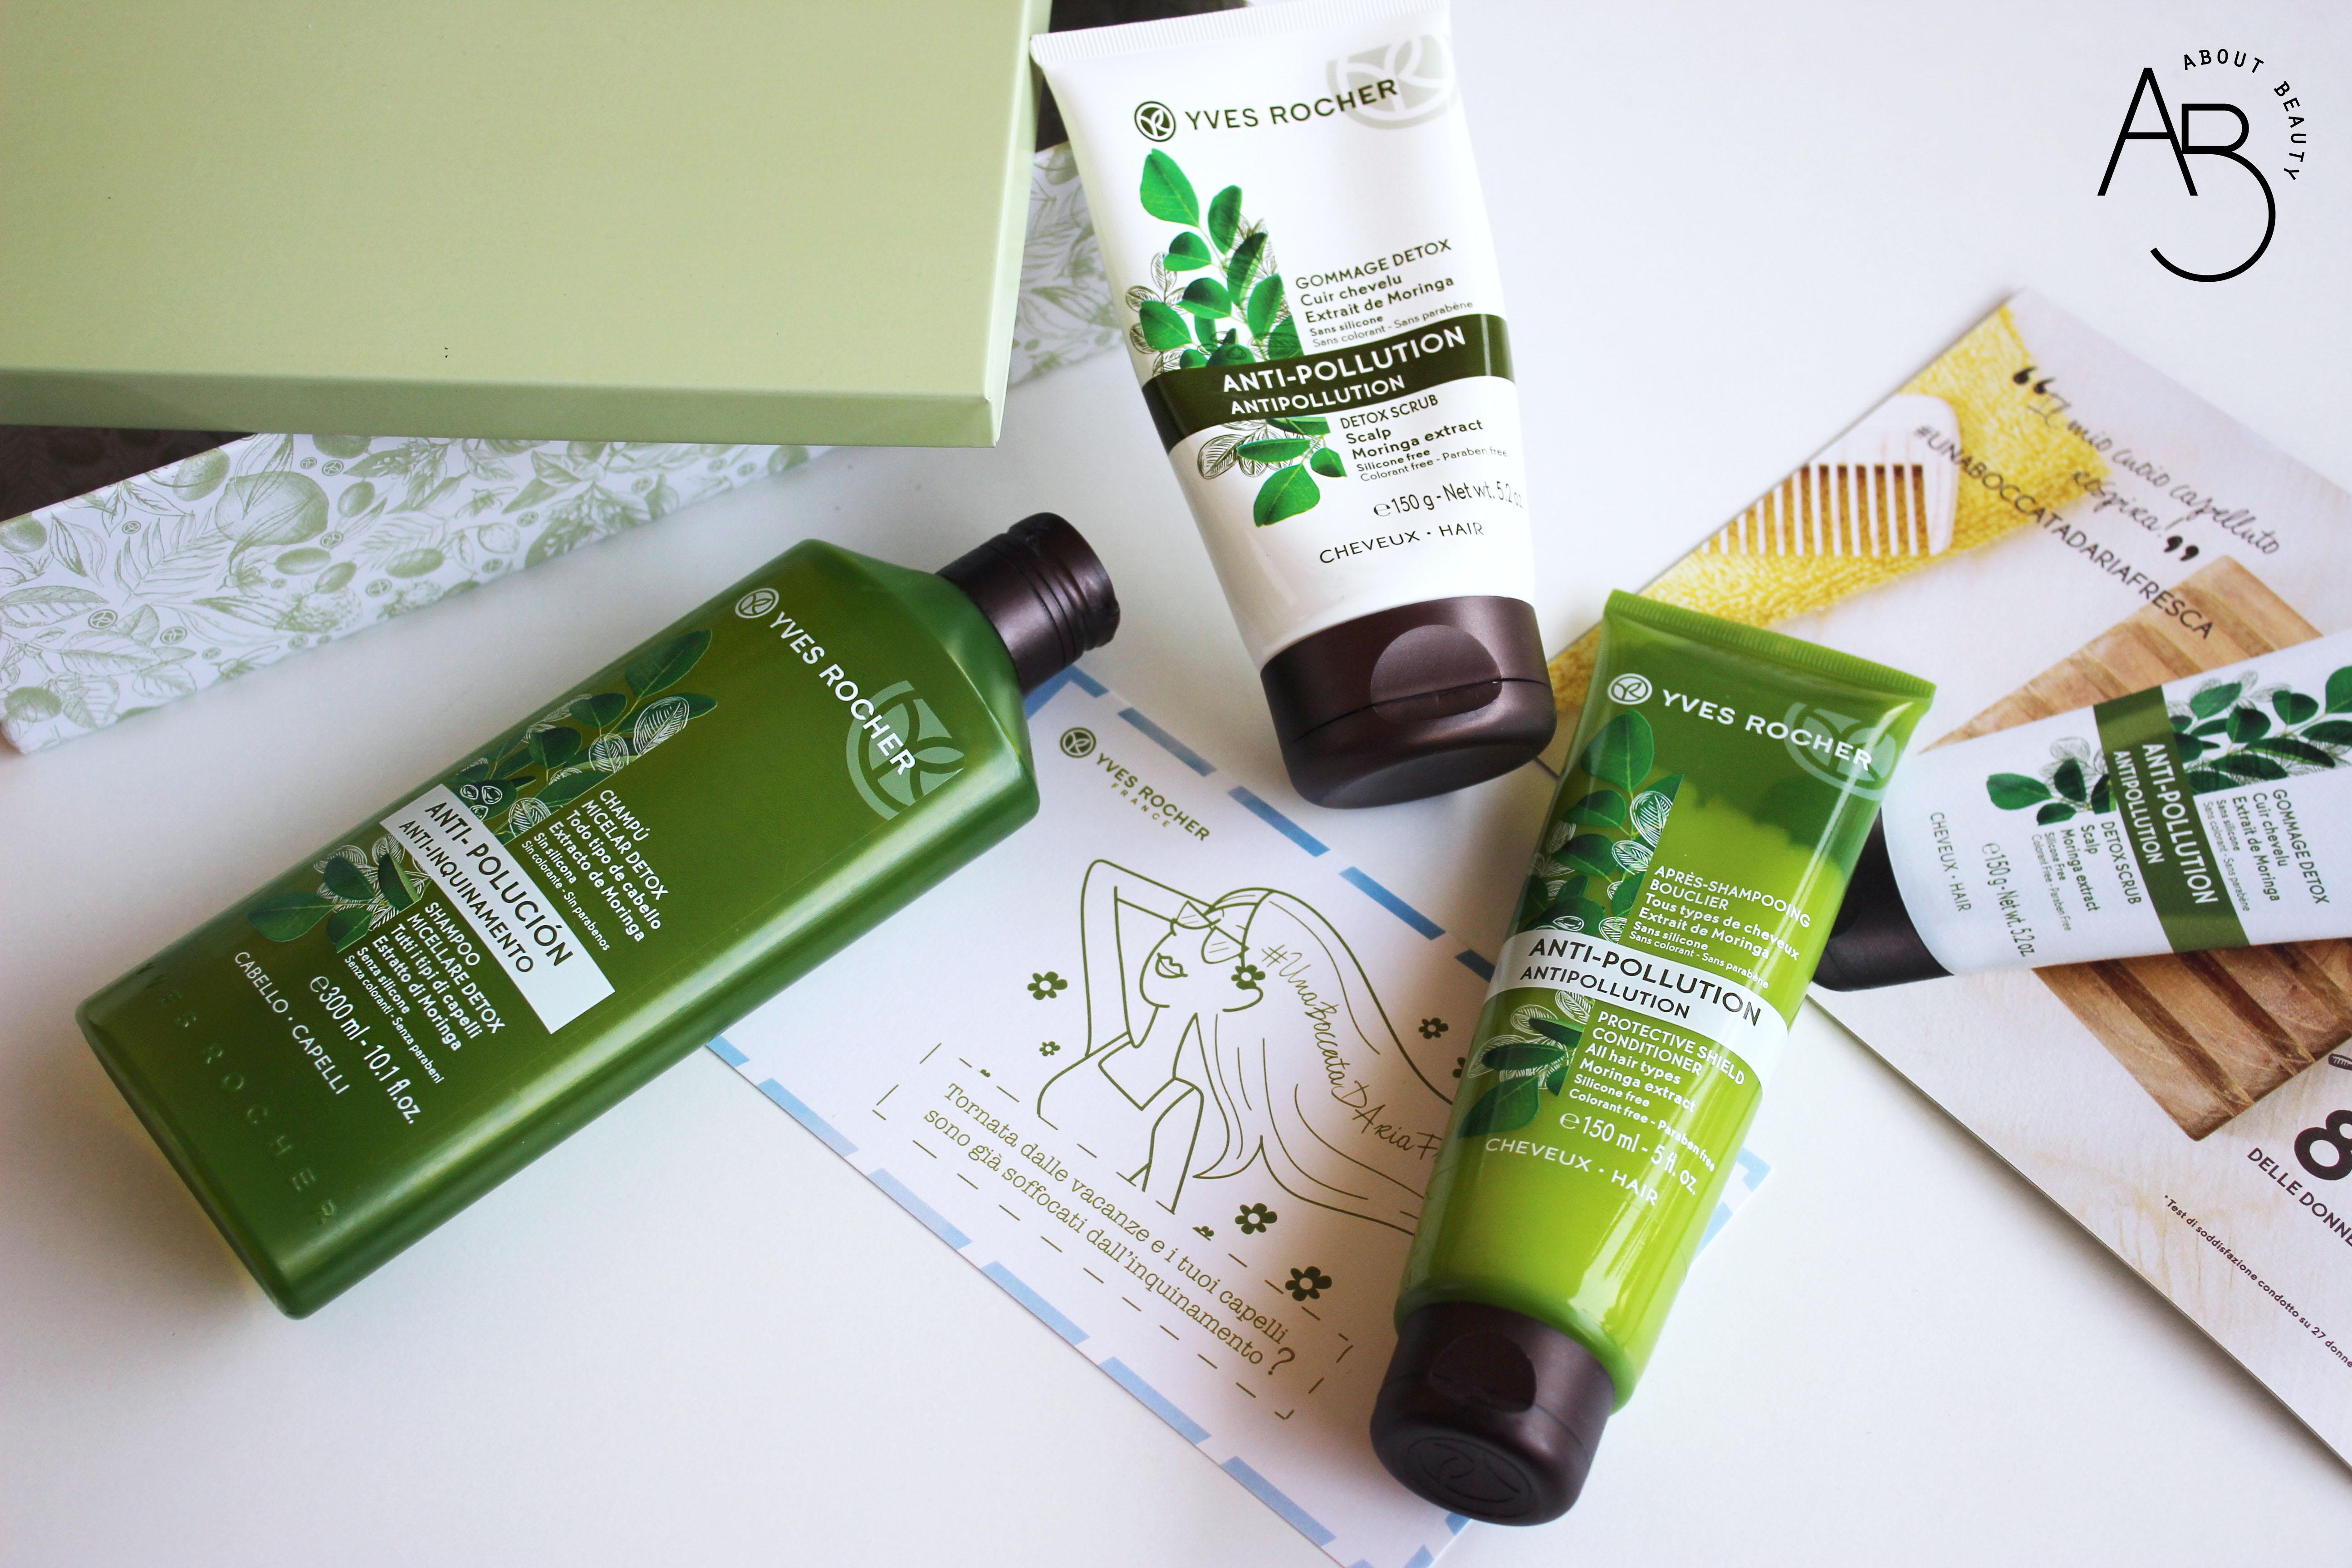 yves rocher trattamenti detox per capelli gommage shampoo micellare balsamo - recensione, info, prezzo, dove acquistare, review